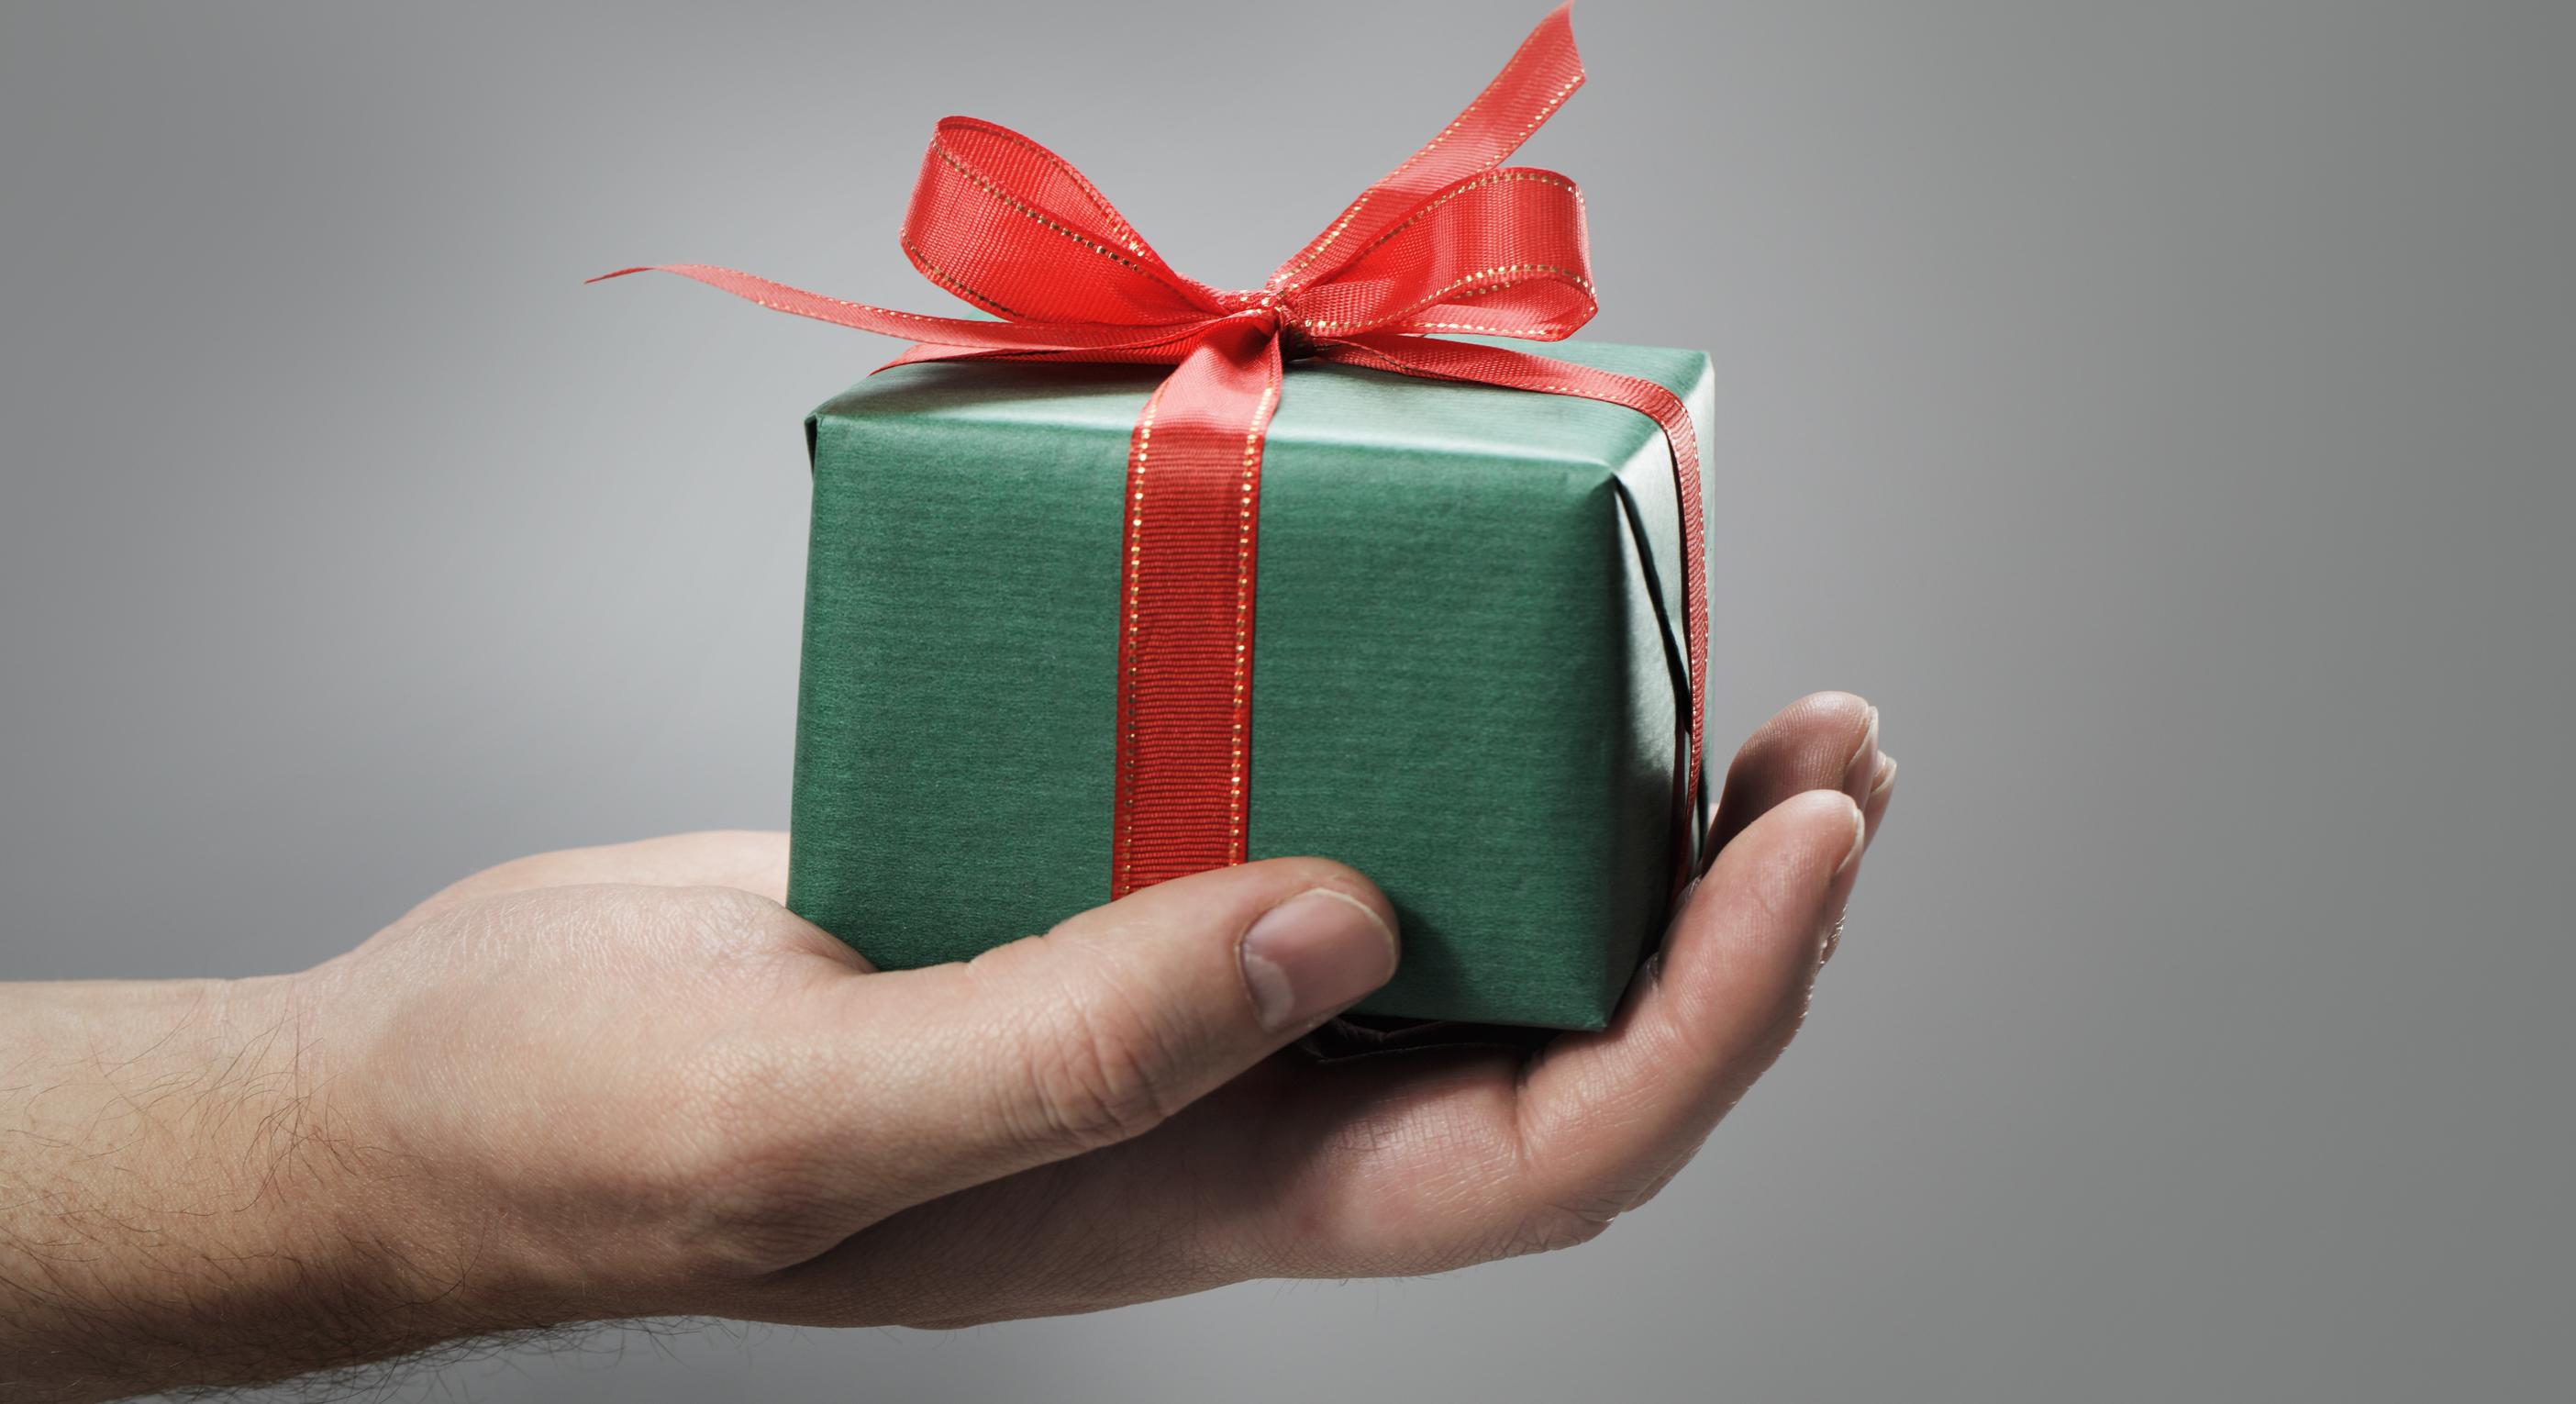 Практический Совет По Подбору Подарка Незнакомой Женщине